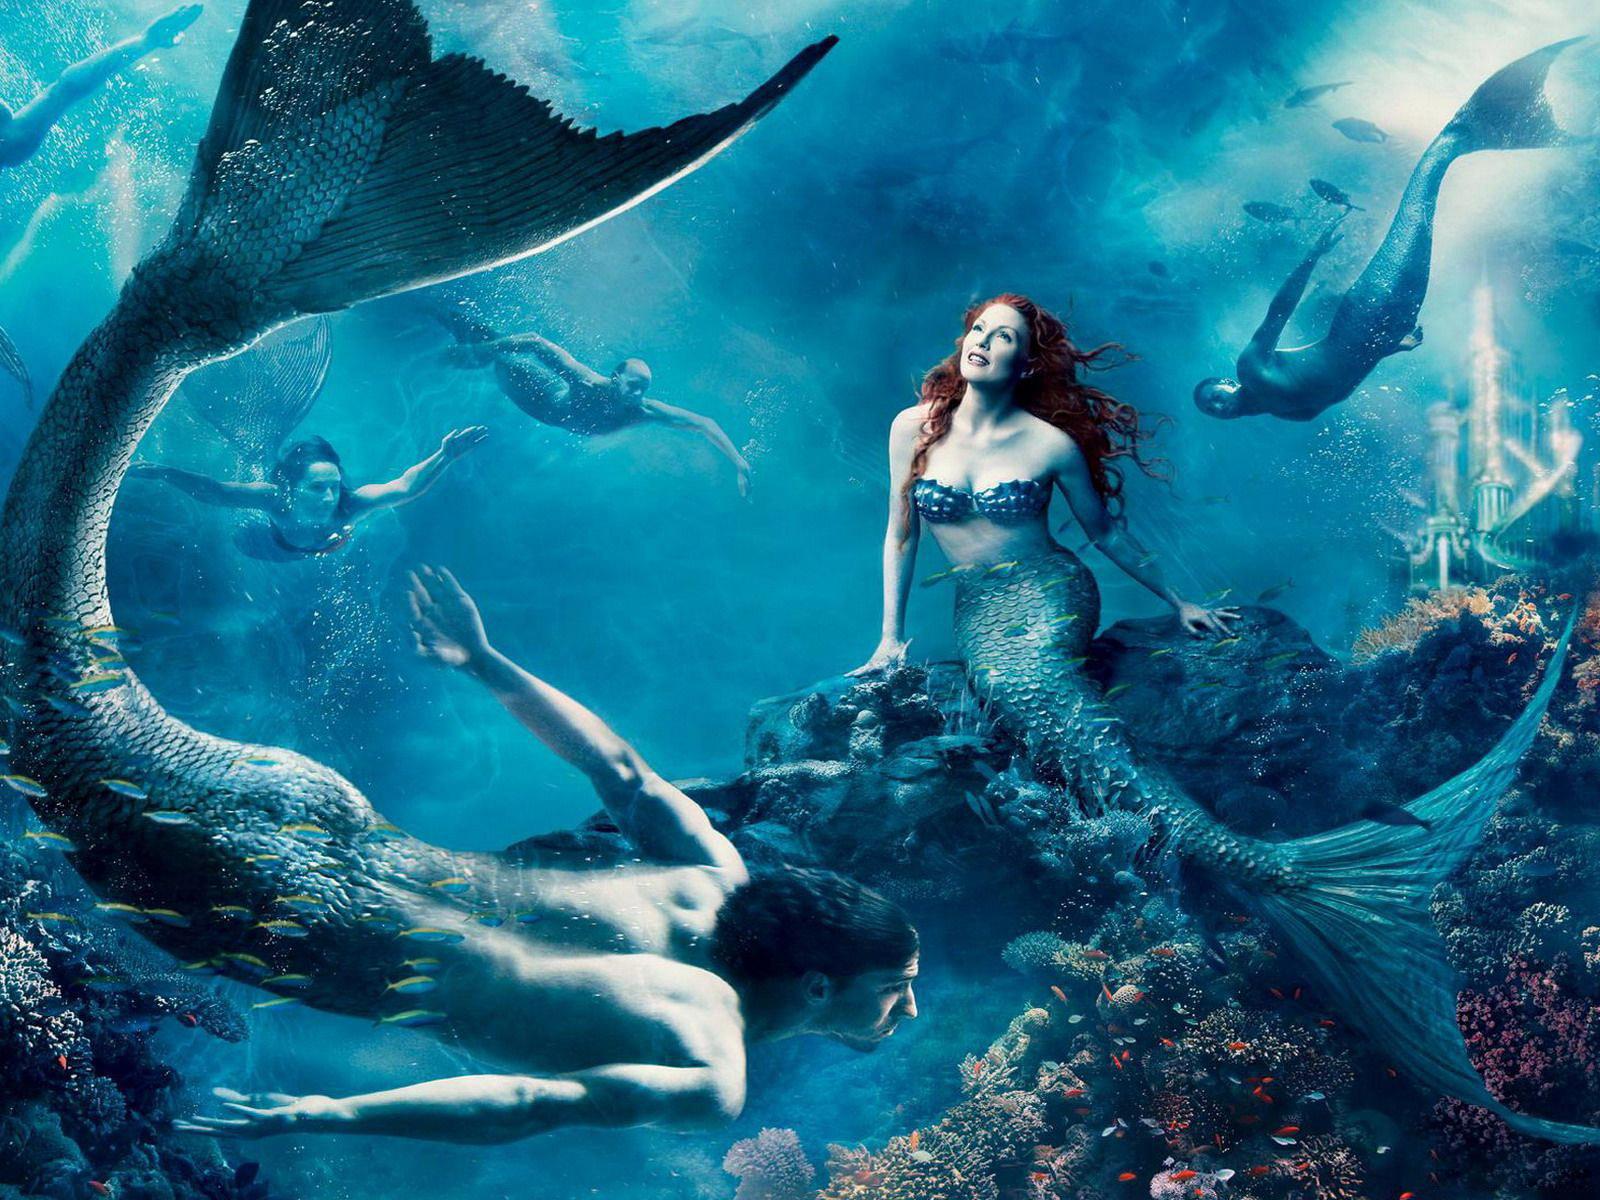 Fantasy Art Mermaid computer desktop wallpapers pictures 1600x1200